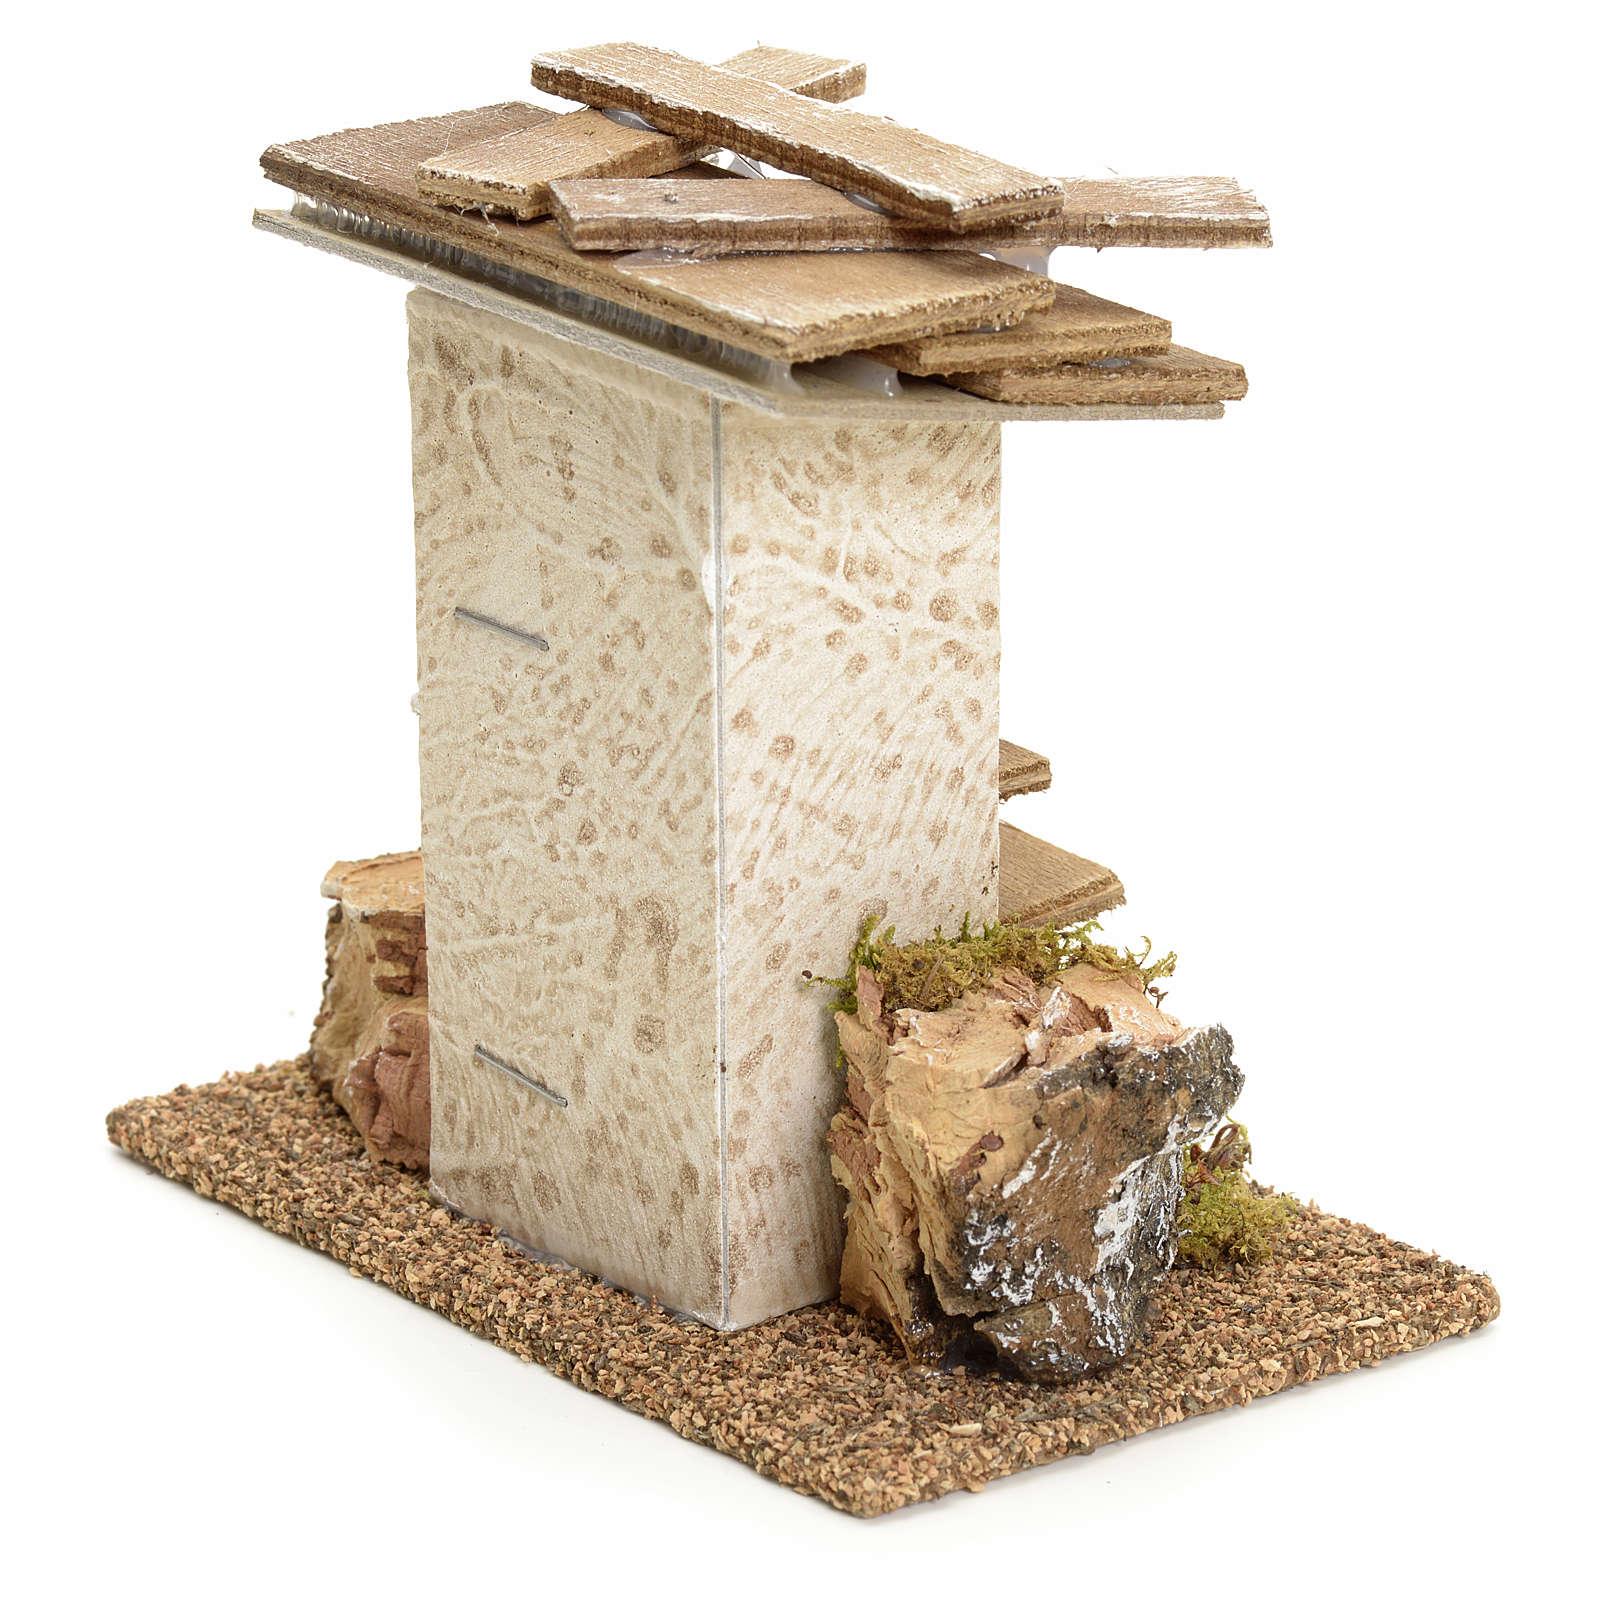 Casa rustica con rocce e muschio 11x11x6 4